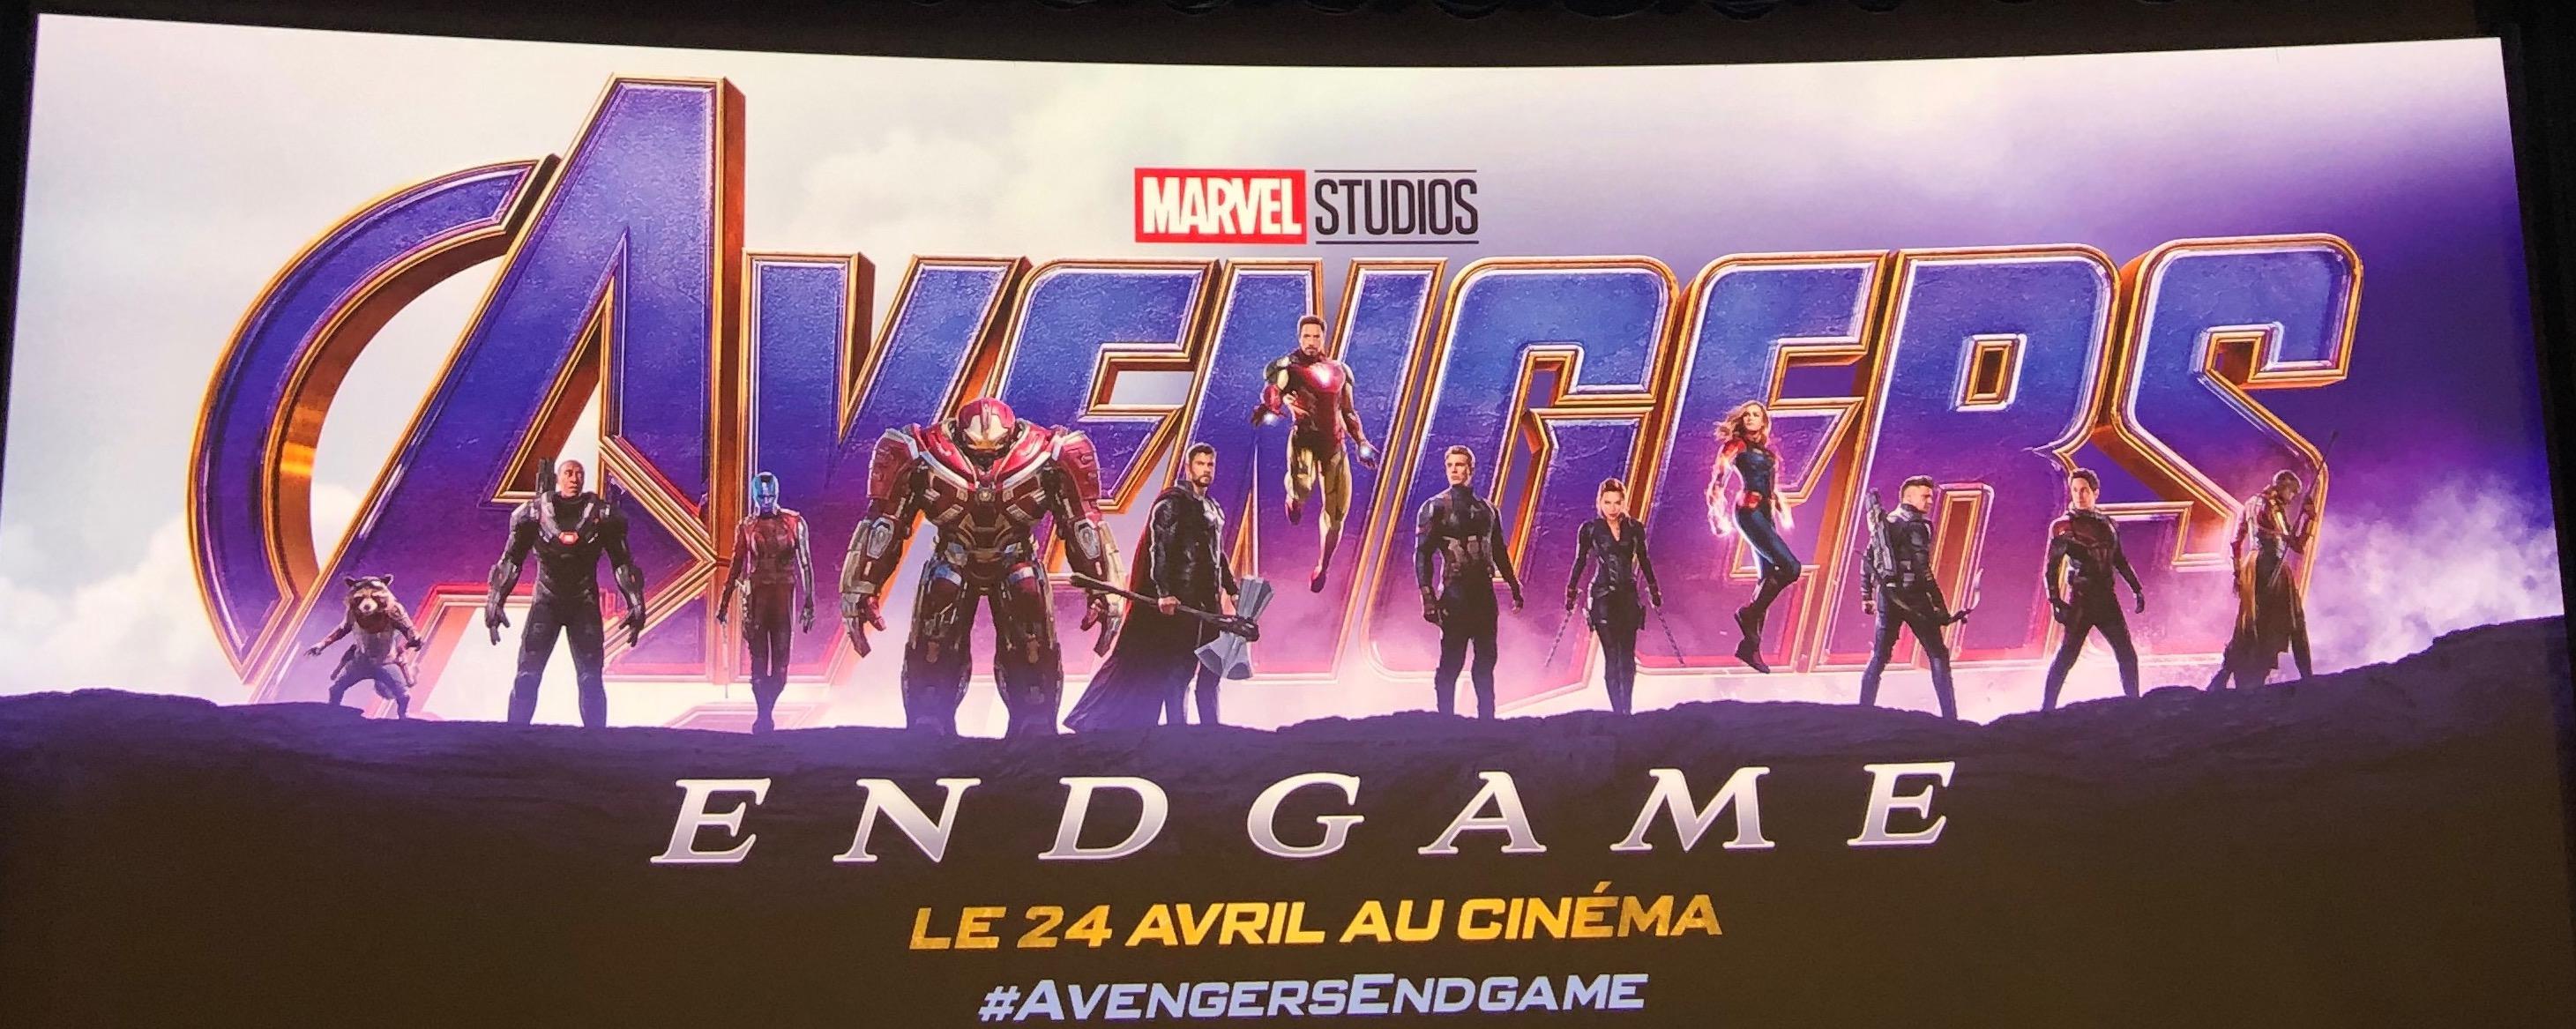 Avengers : Endgame, la fin fait partie du voyage ! (promis no spoil)